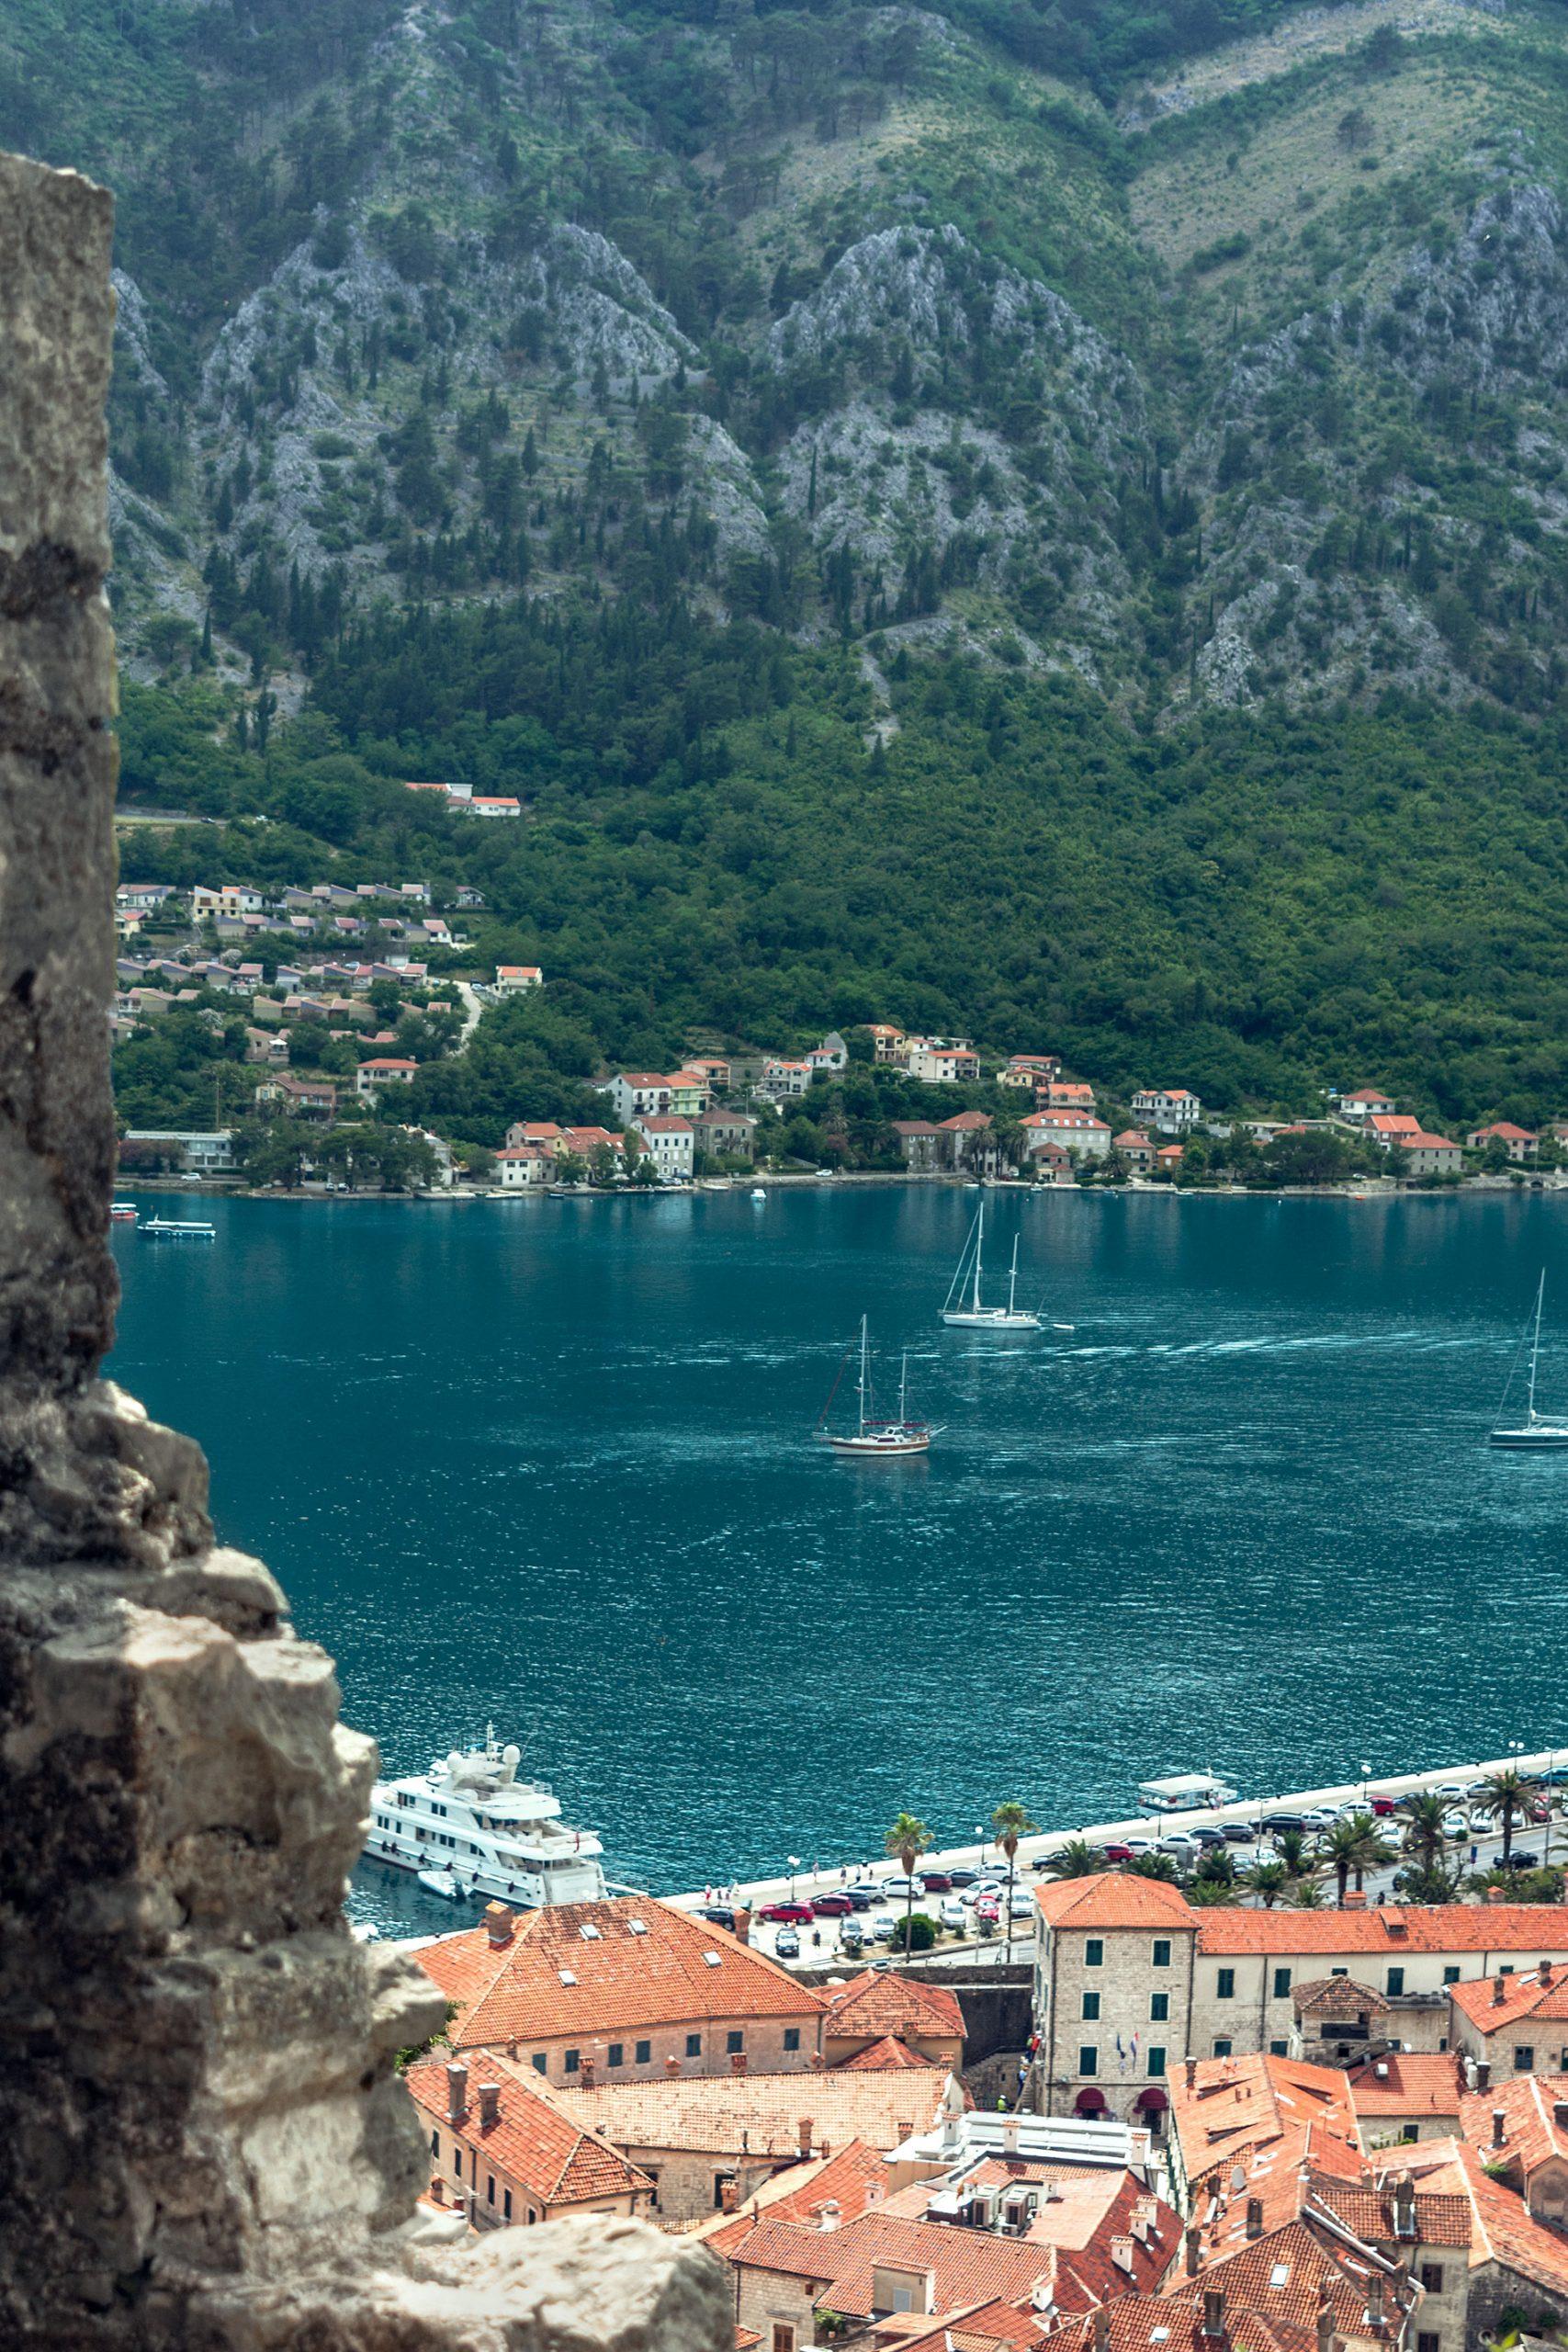 Vista para o mar Adriático das Muralhas de Kotor, que inclui os telhados alaranjados da cidade velha, e a água azul do mar